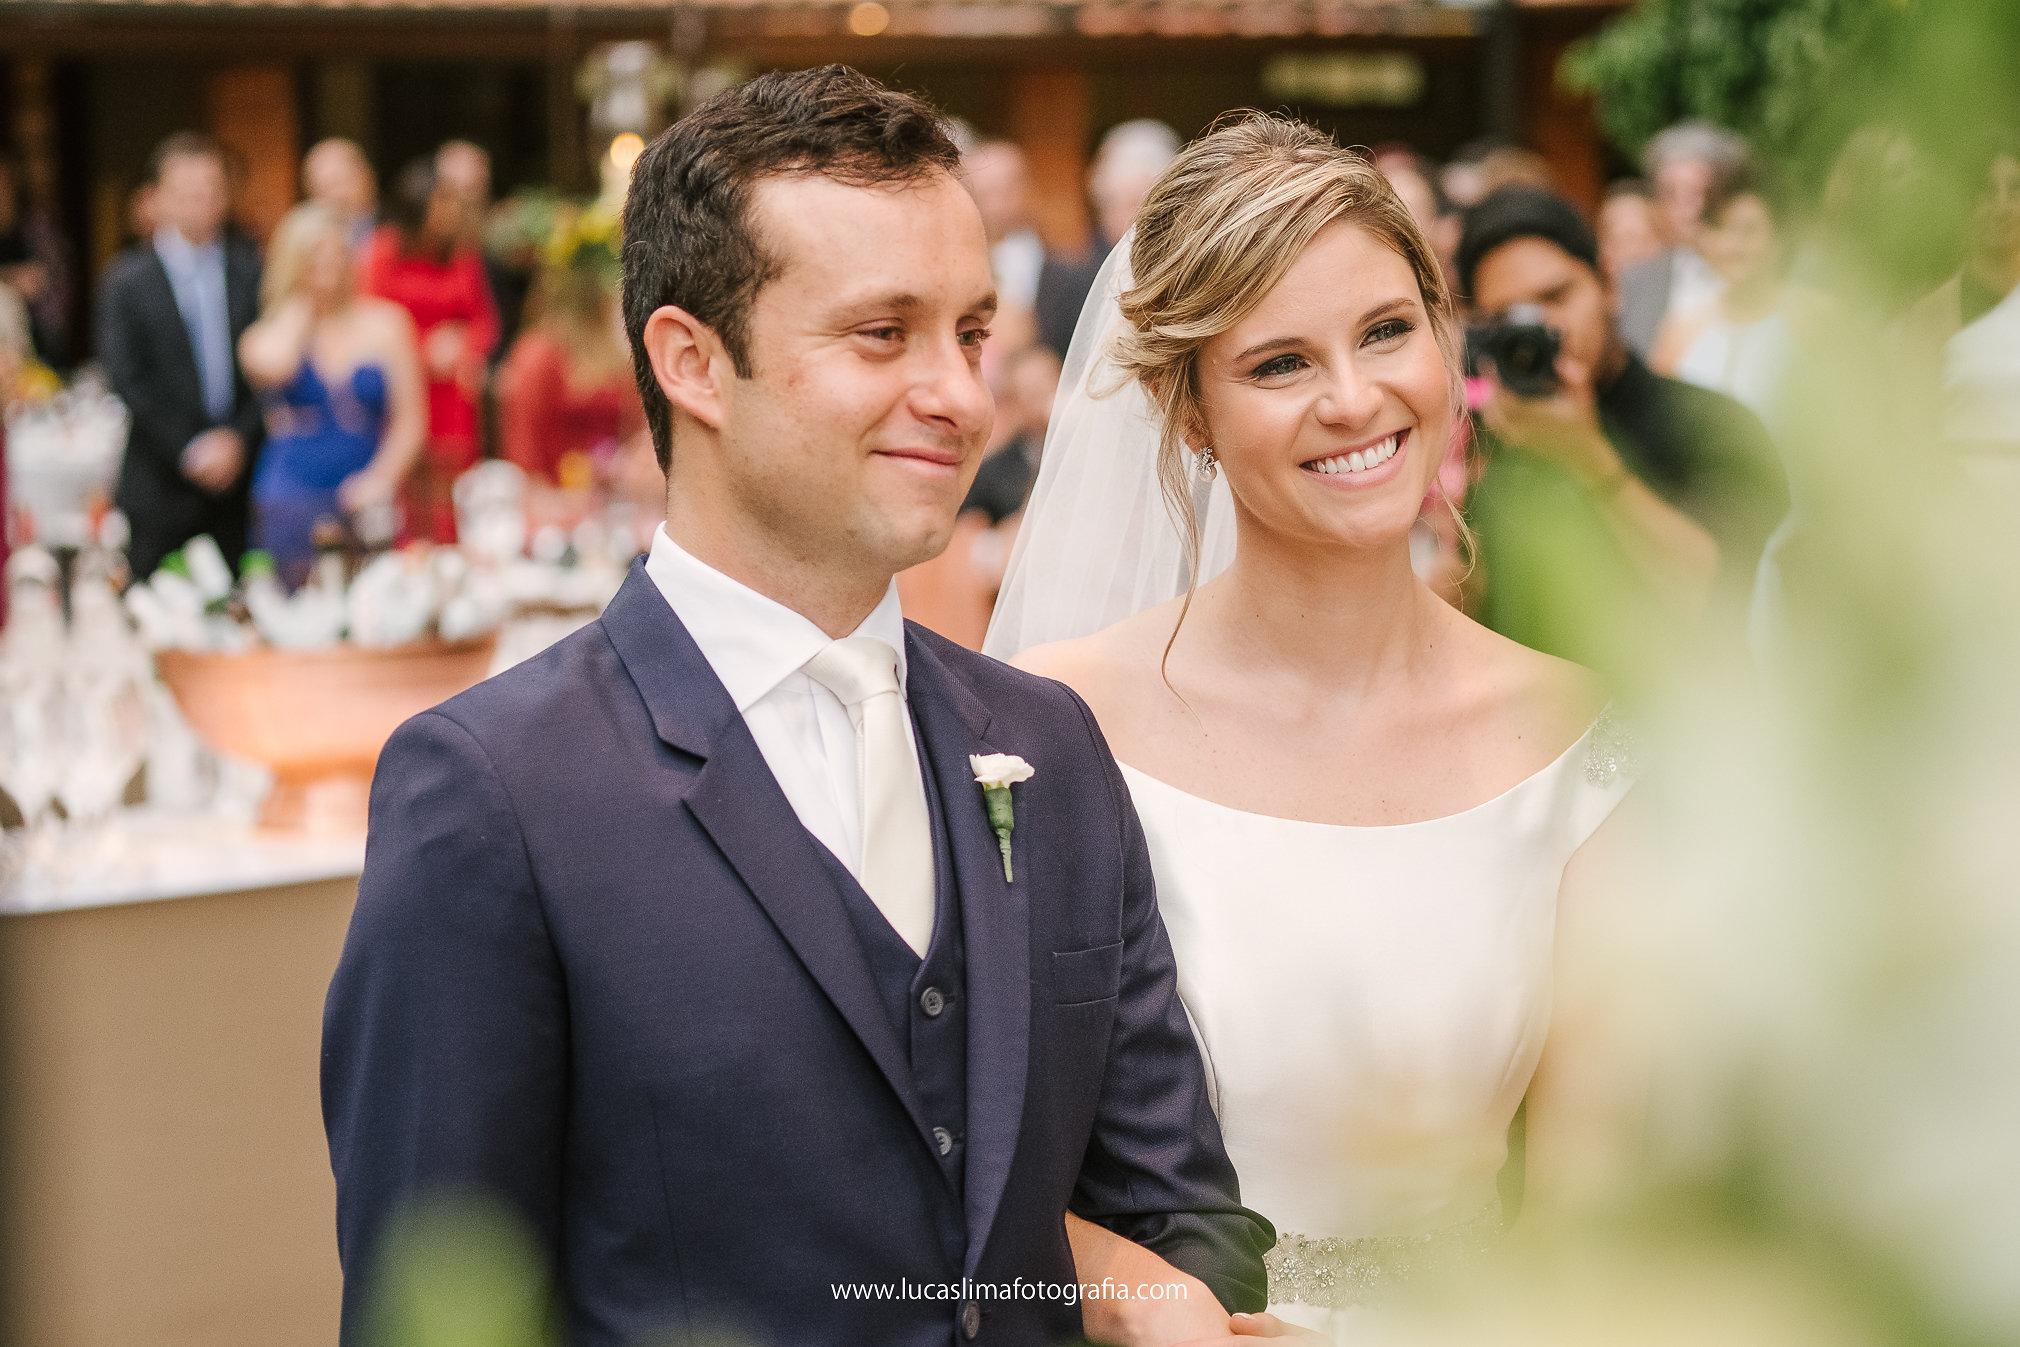 casamento-flavia-e-thomas-lucaslimafotografia-110